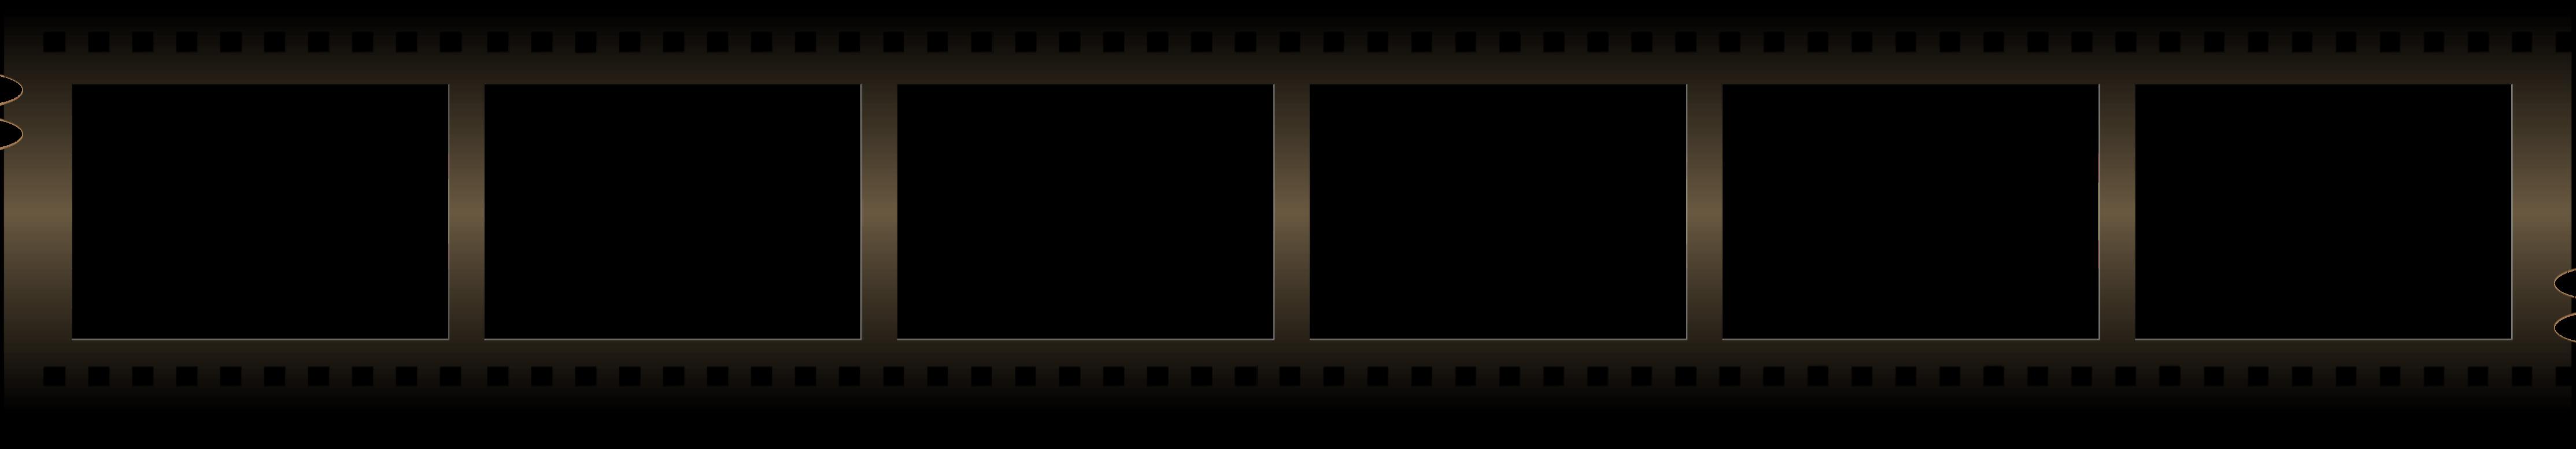 Movie Reel Gallery For Blank Film Strip -Movie reel gallery for blank film strip clip art image-13